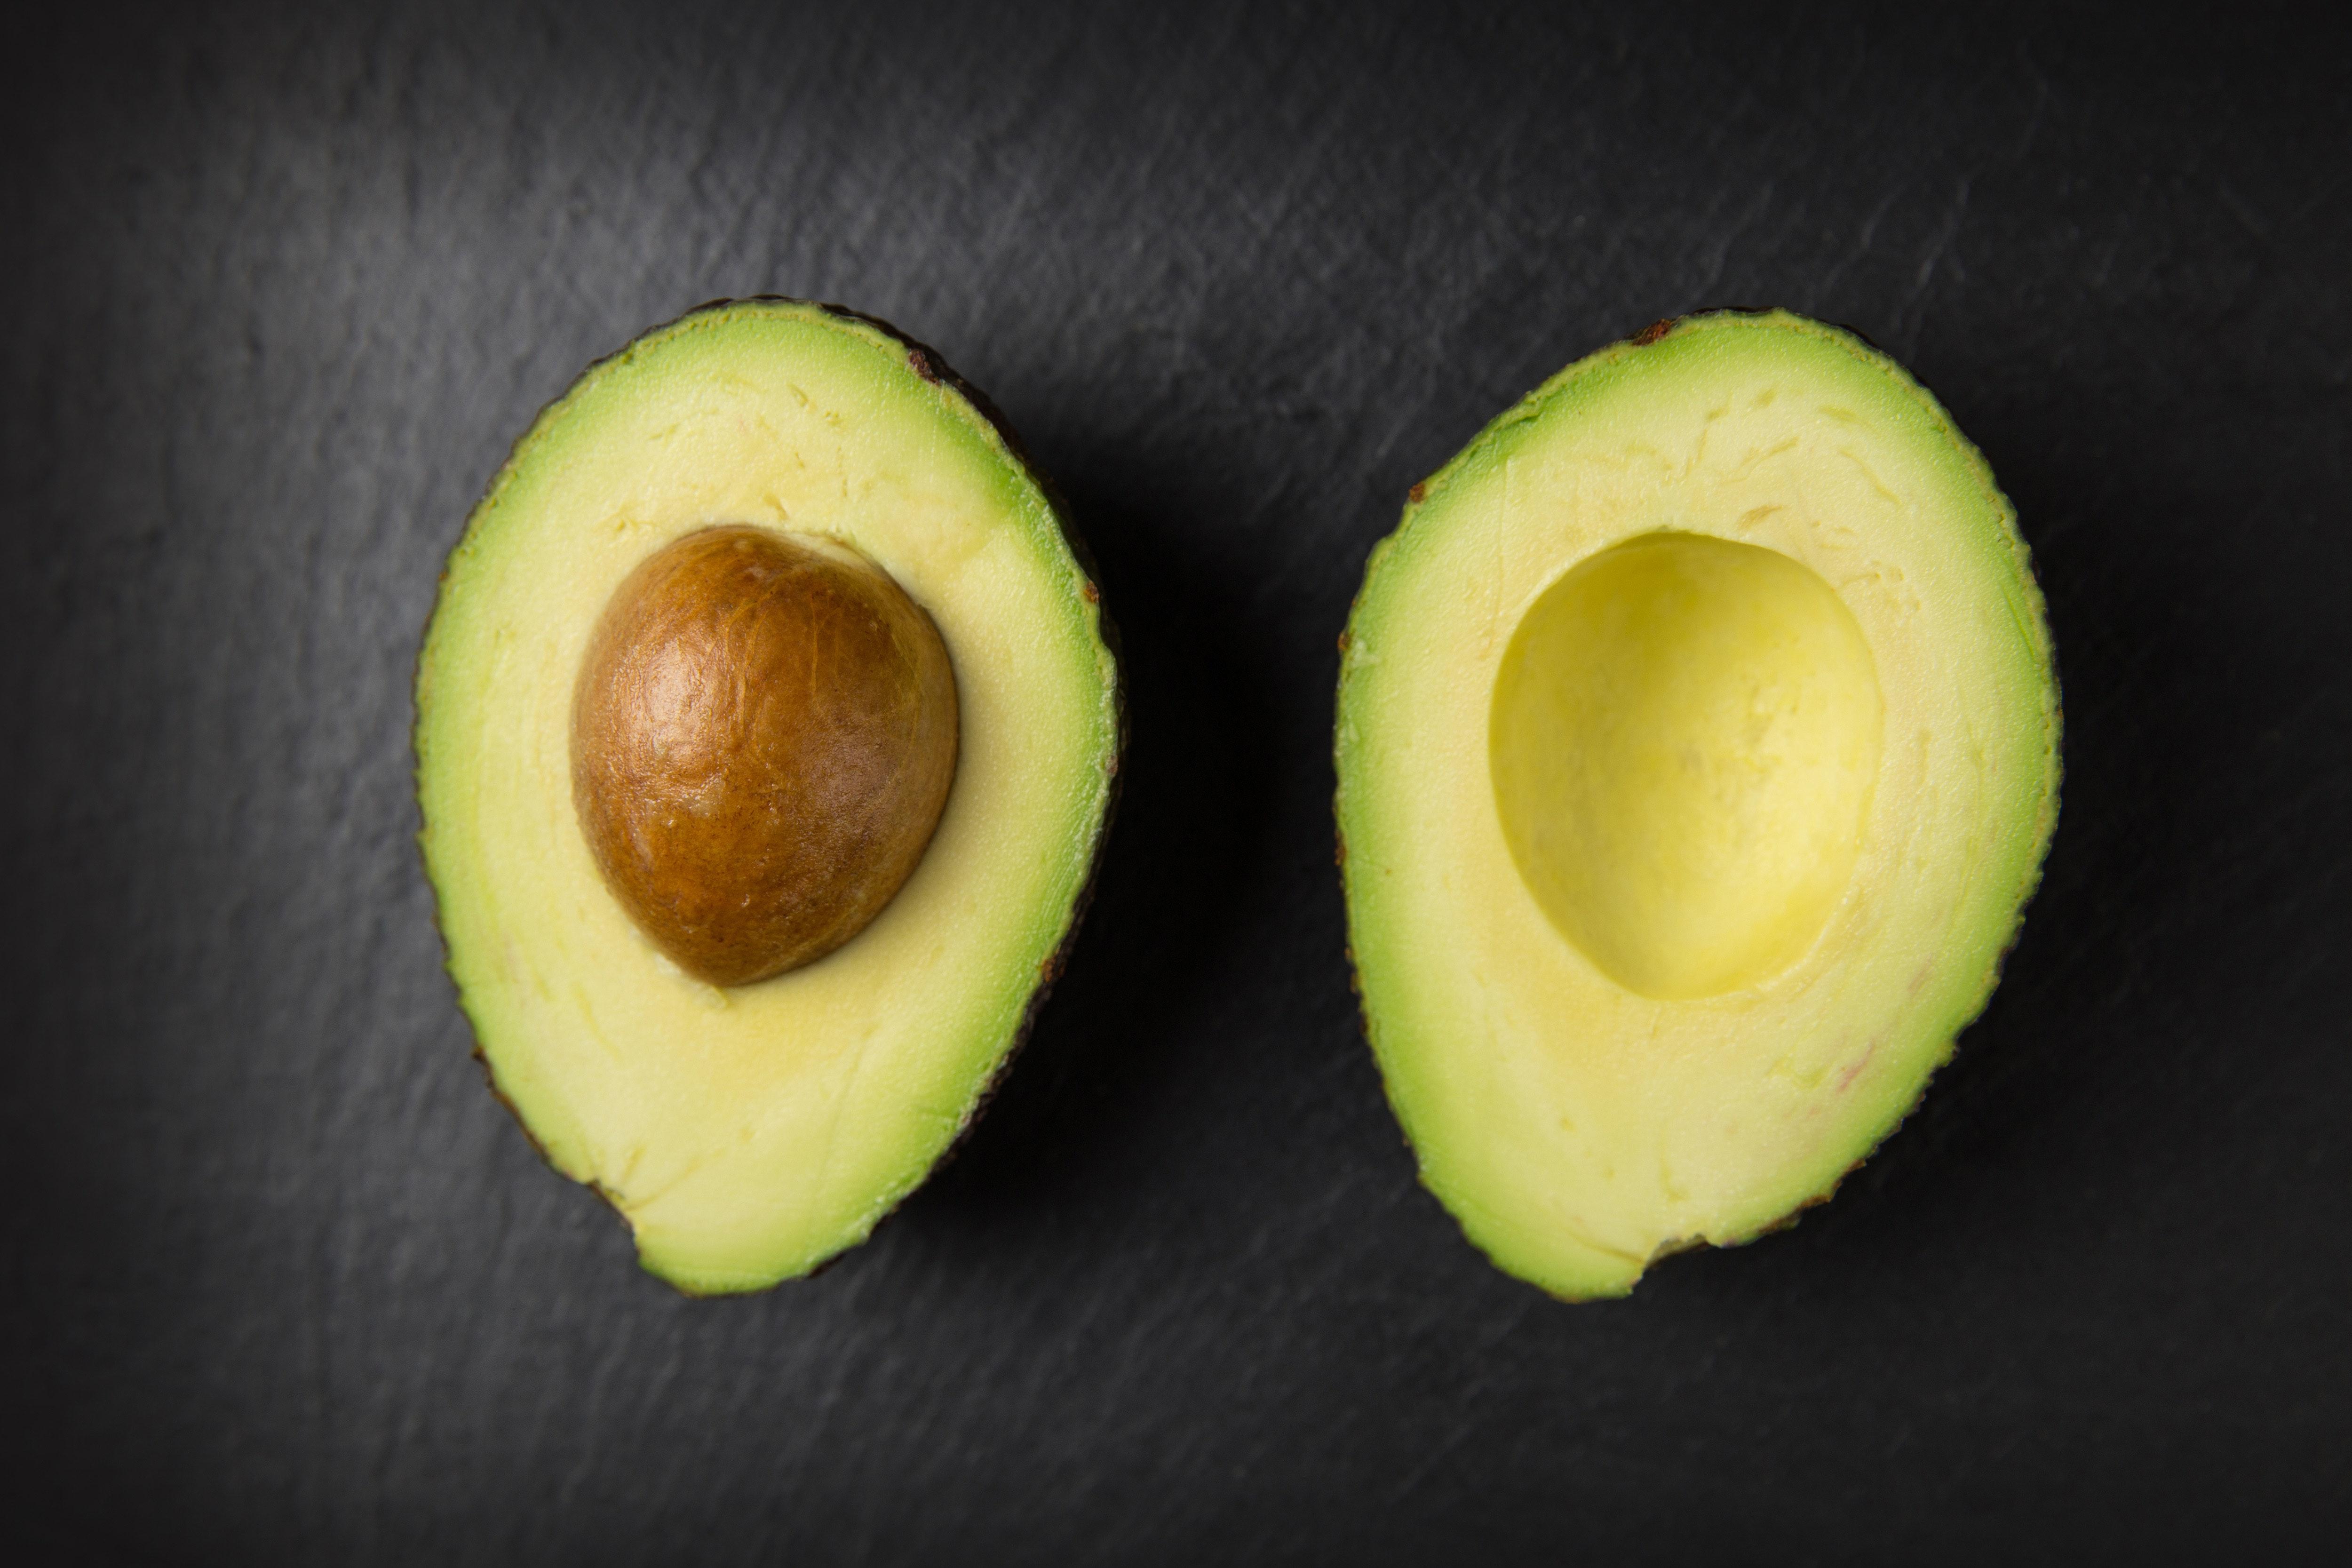 避免變肥 每次可進食多少牛油果醬?